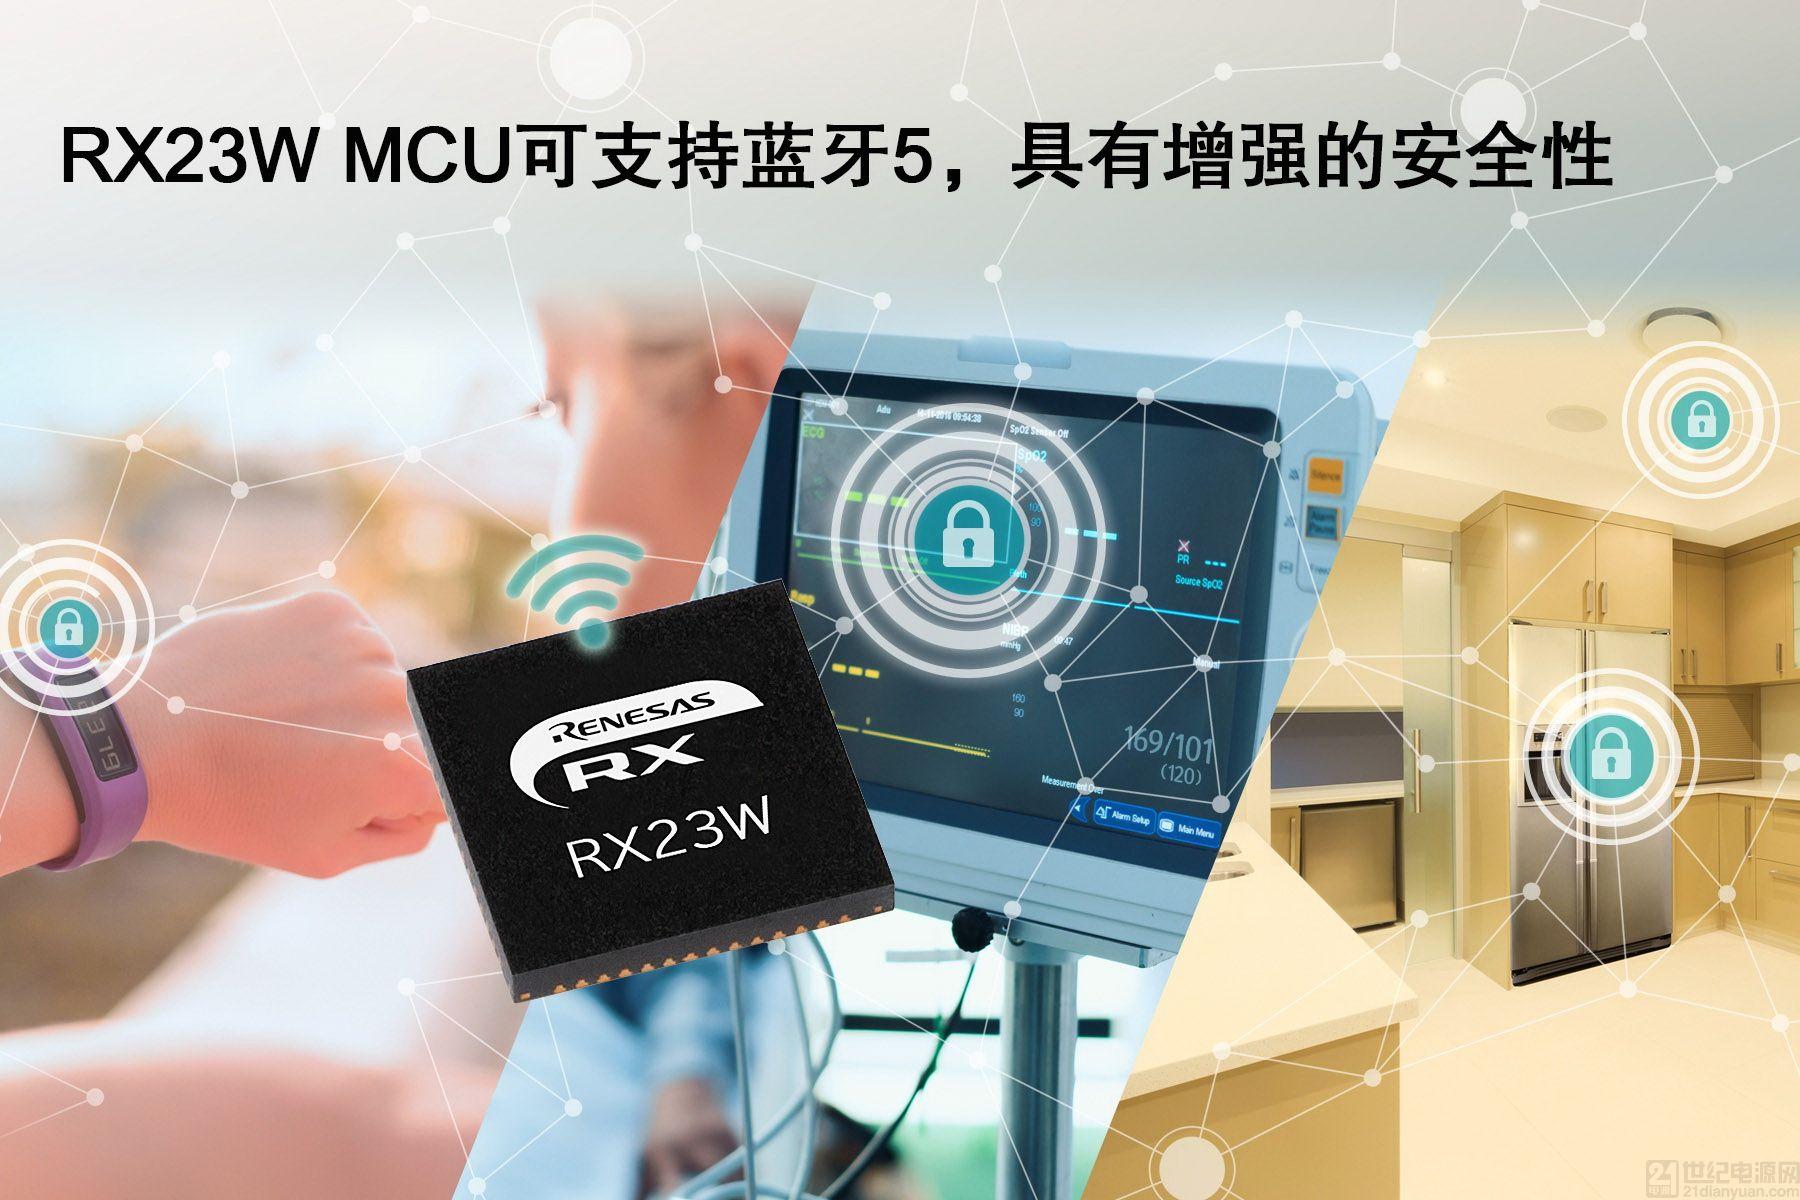 瑞薩電子推出 32 位 RX23W 微控制器為 IoT 終端設備提供 Bluetooth® 5.0